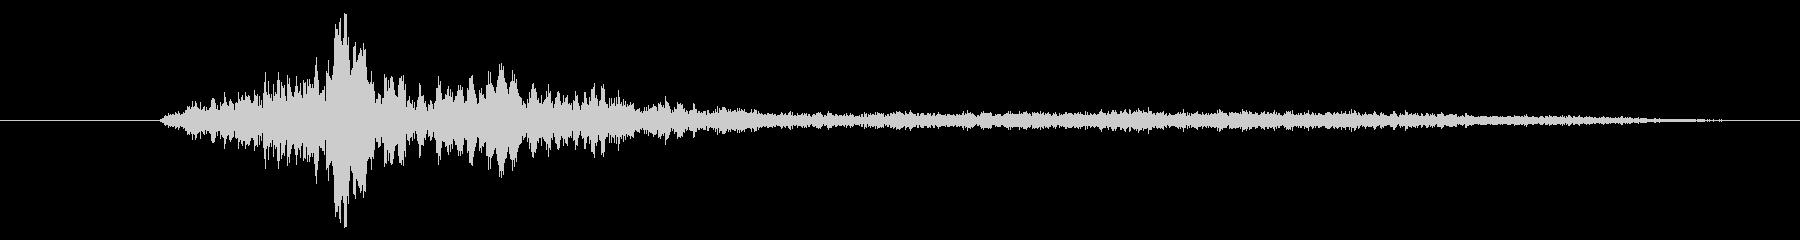 猛獣の唸り声2の未再生の波形